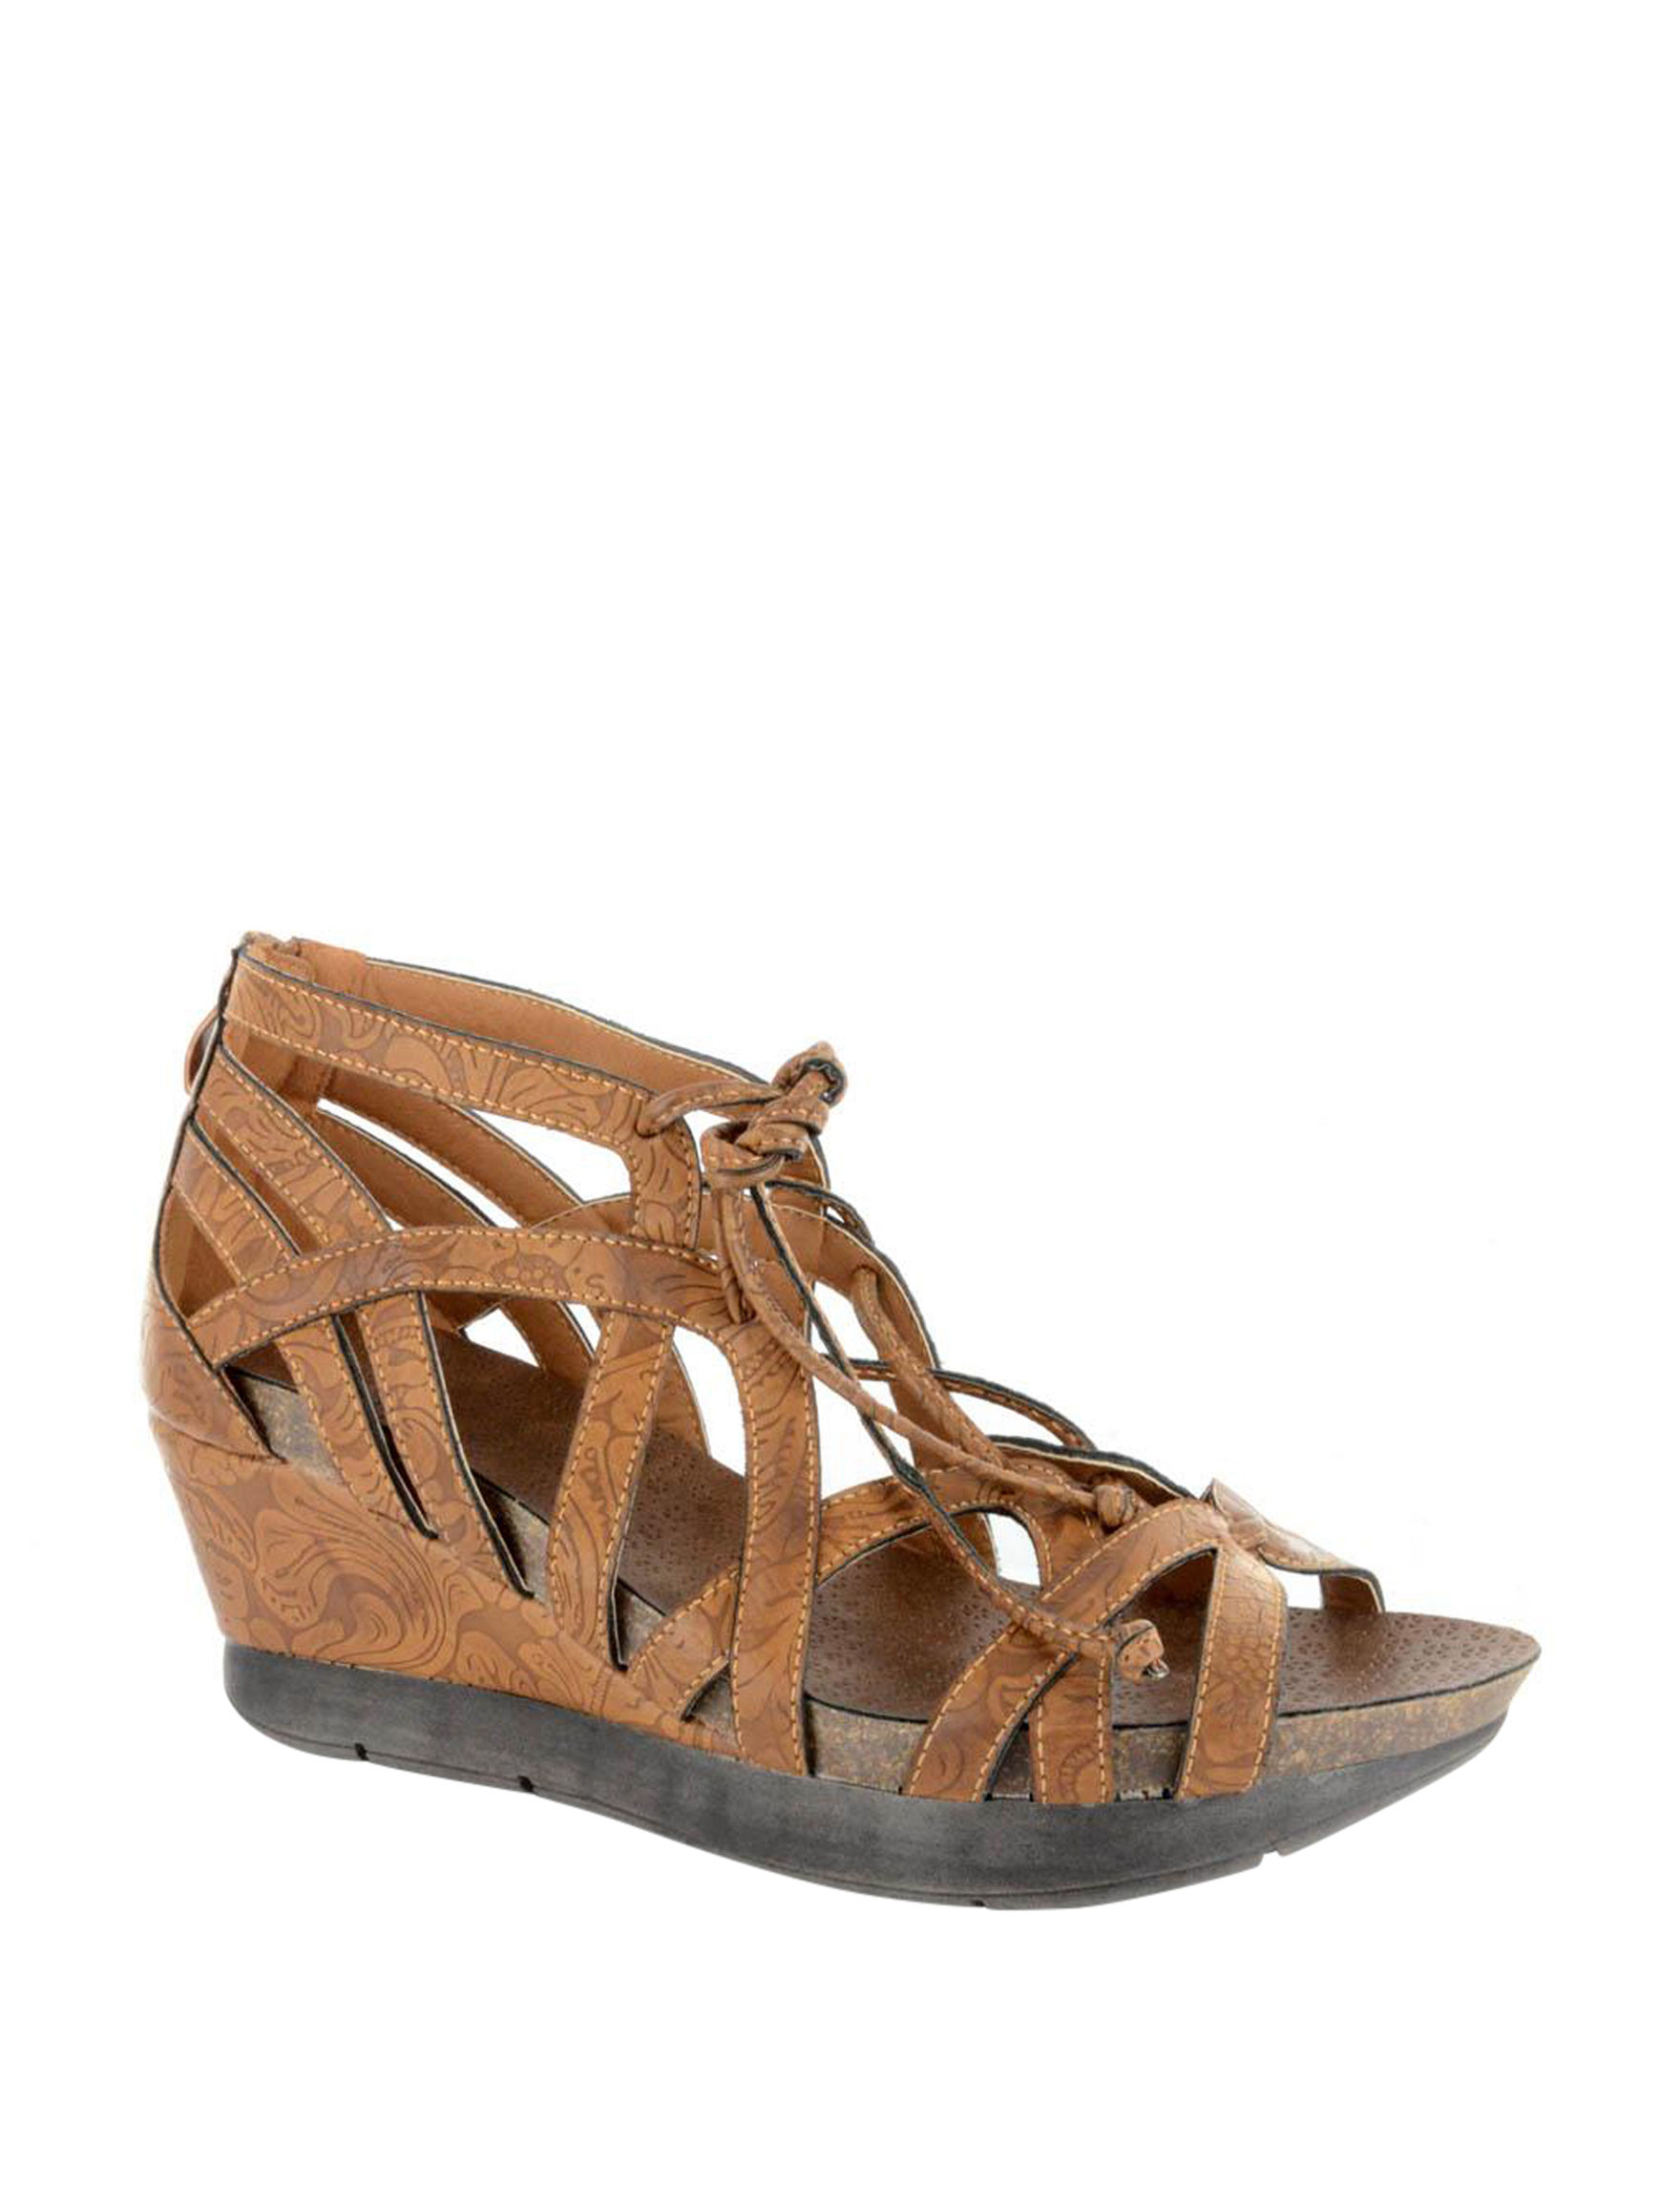 Corkys Brown Wedge Sandals